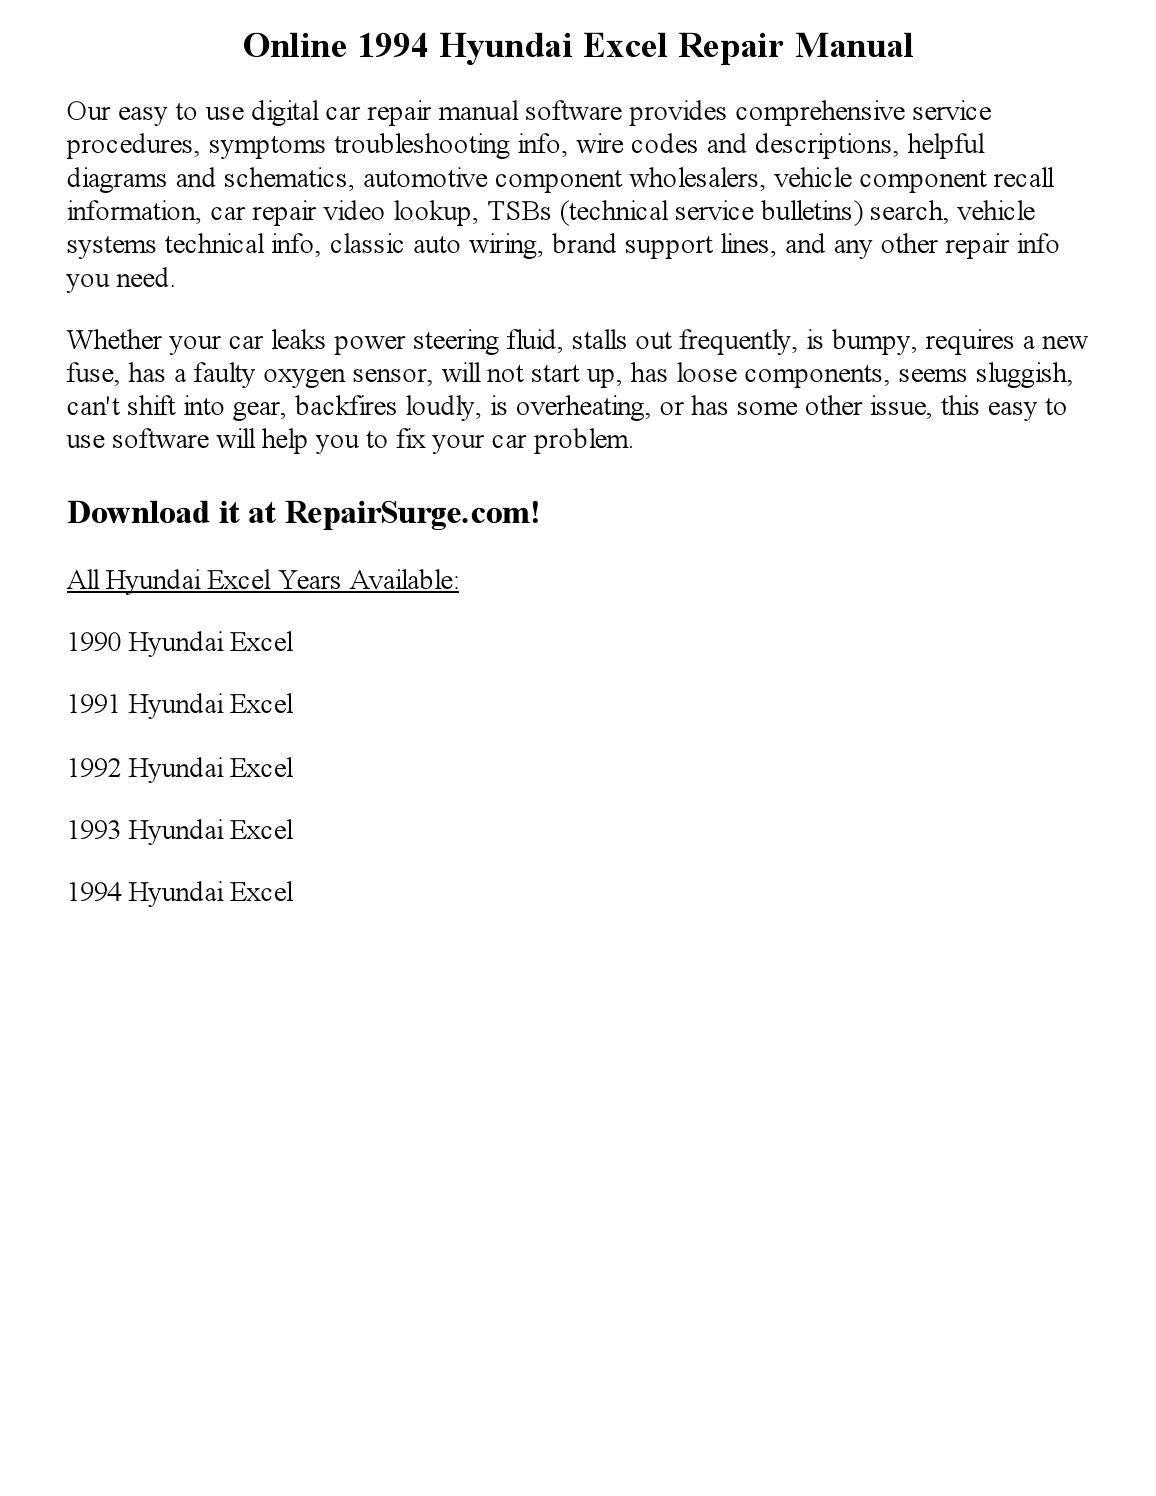 hyundai excel 99 repair manual